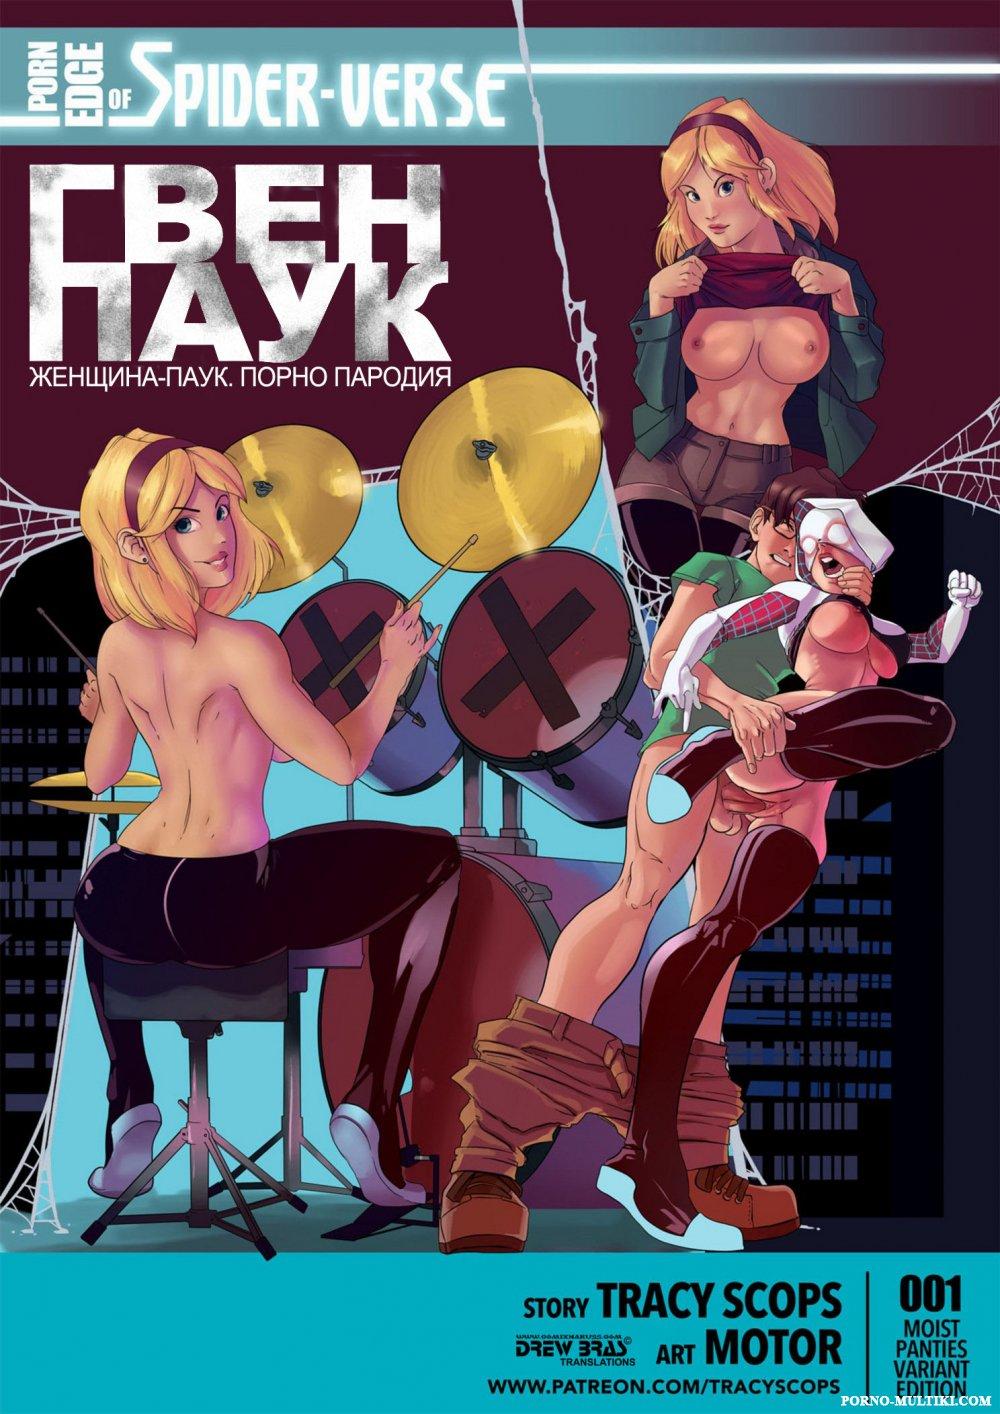 Порно комиксы - Гвен-Паук Большая грудь, Герои из мультиков, Минет, Порно комиксы, Супер-герои